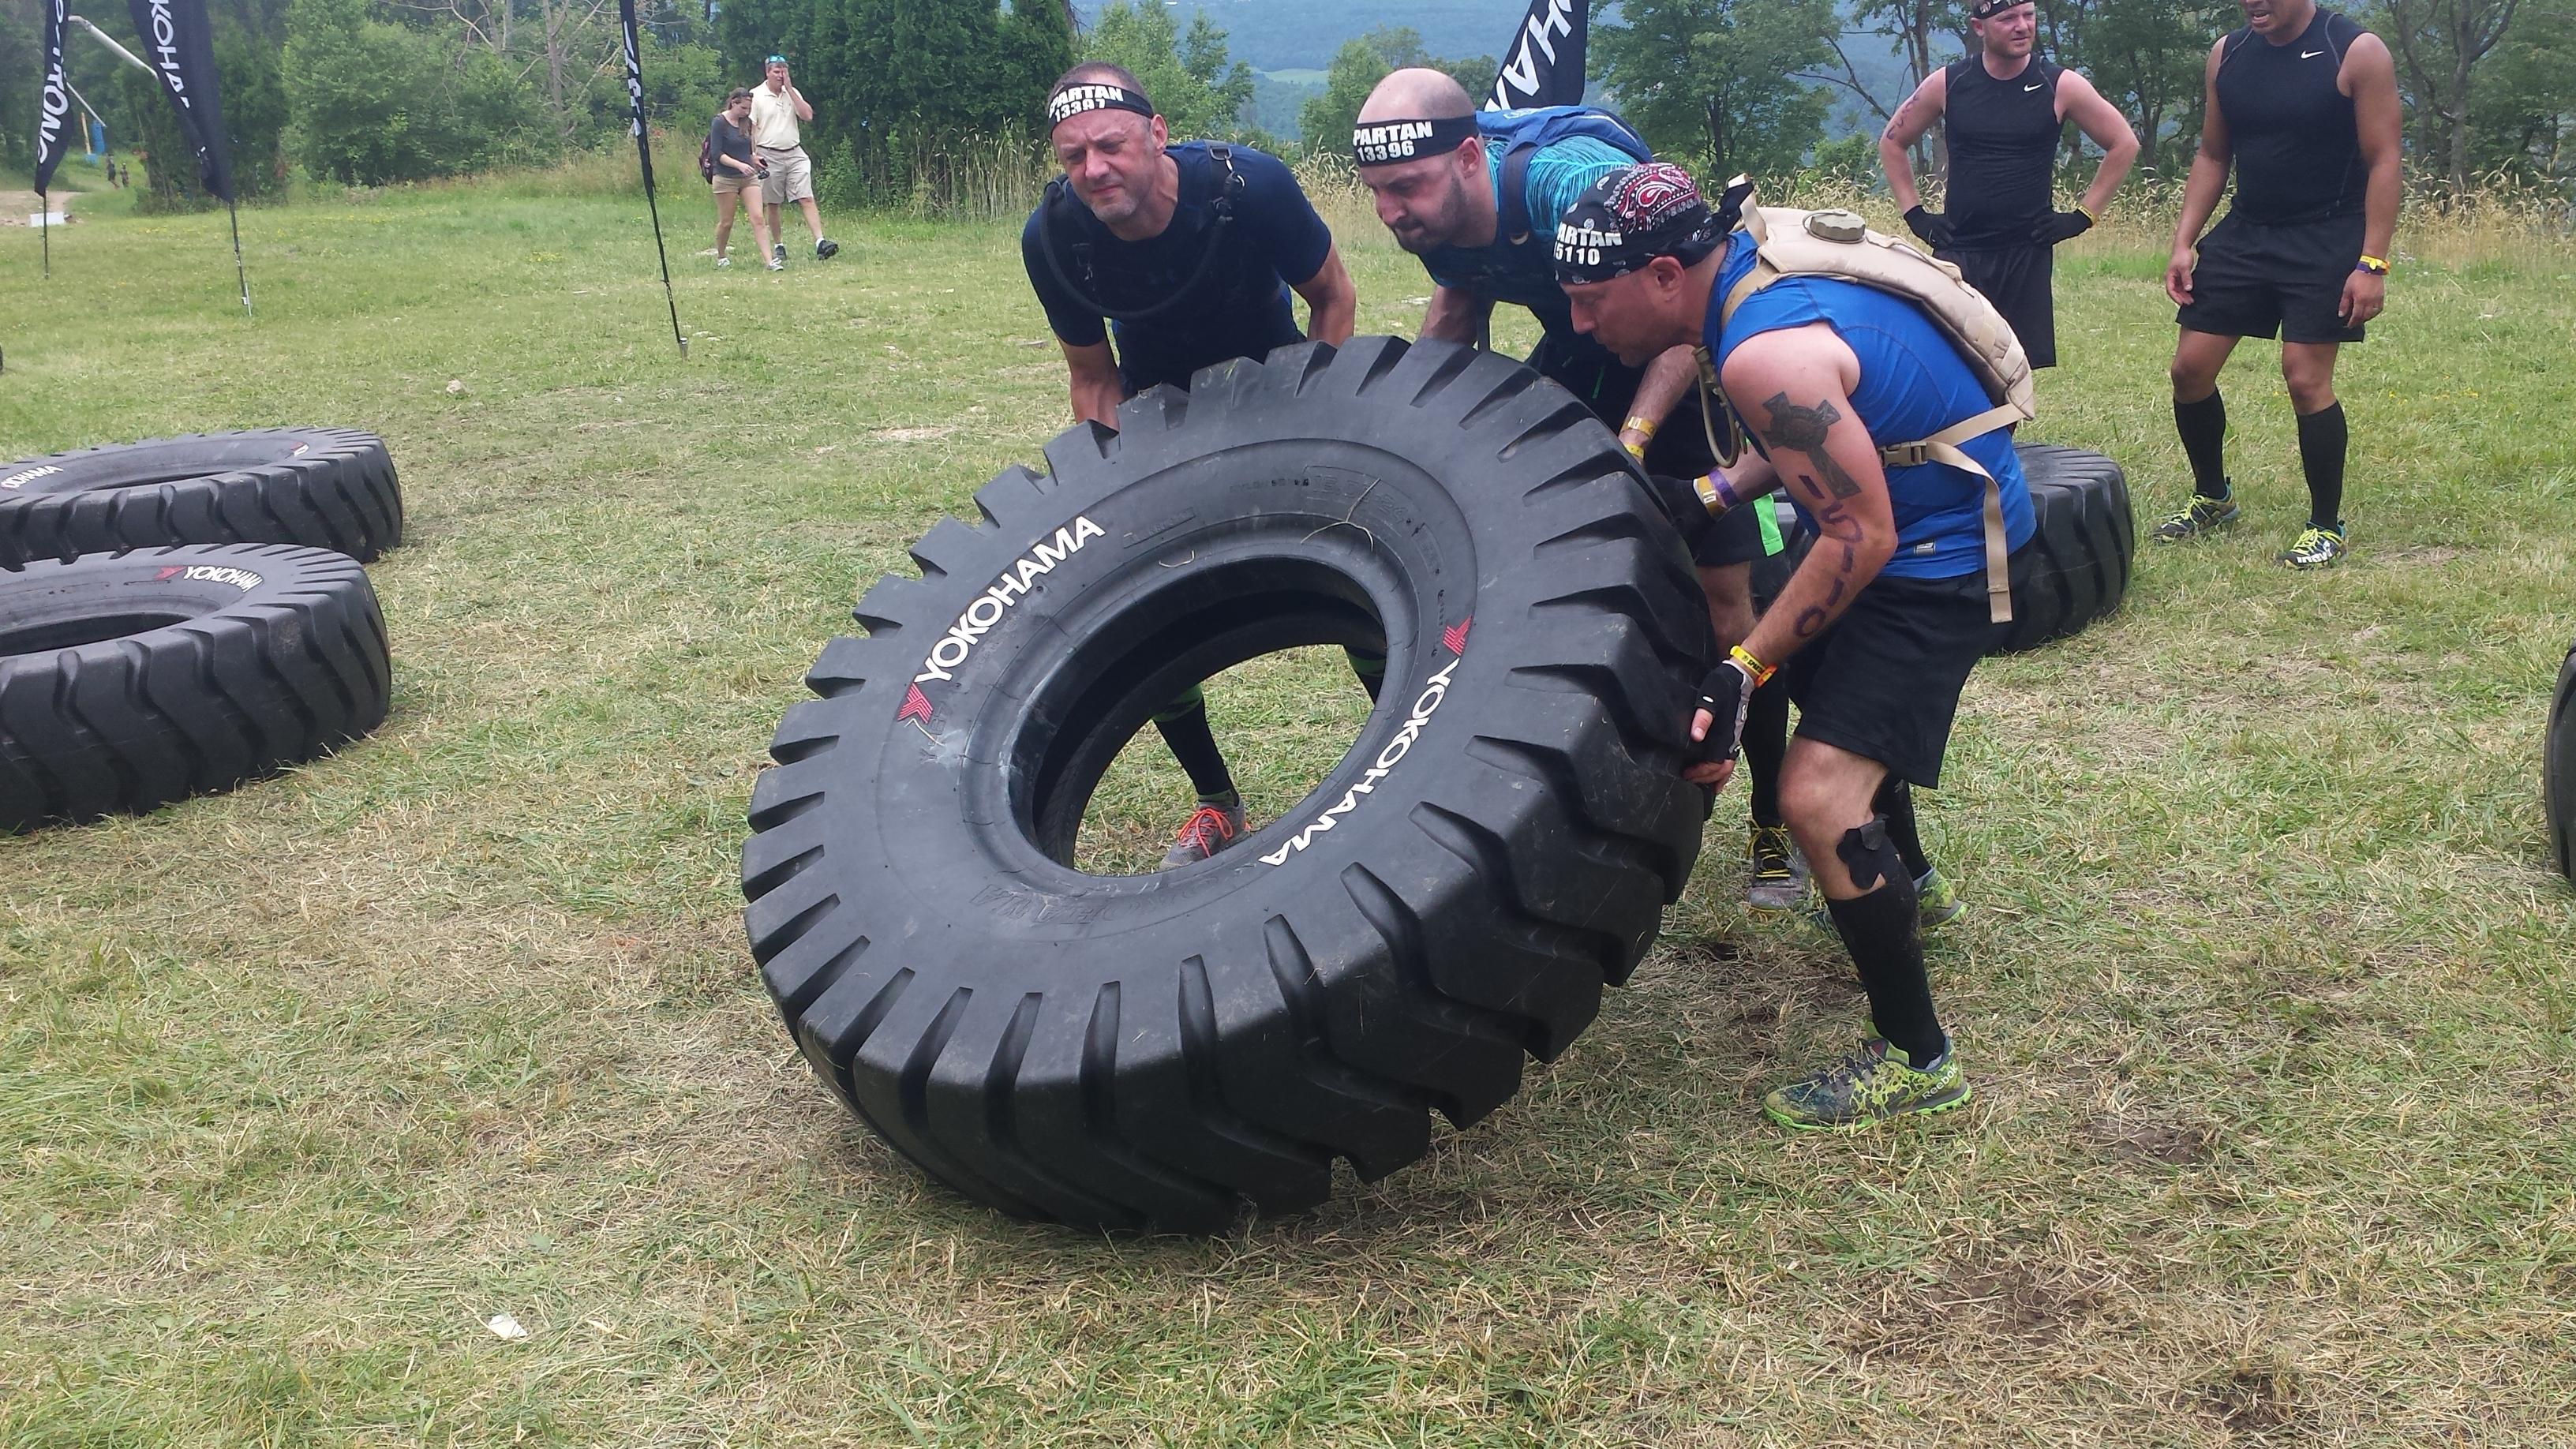 Spartan Race Palmerton 2017